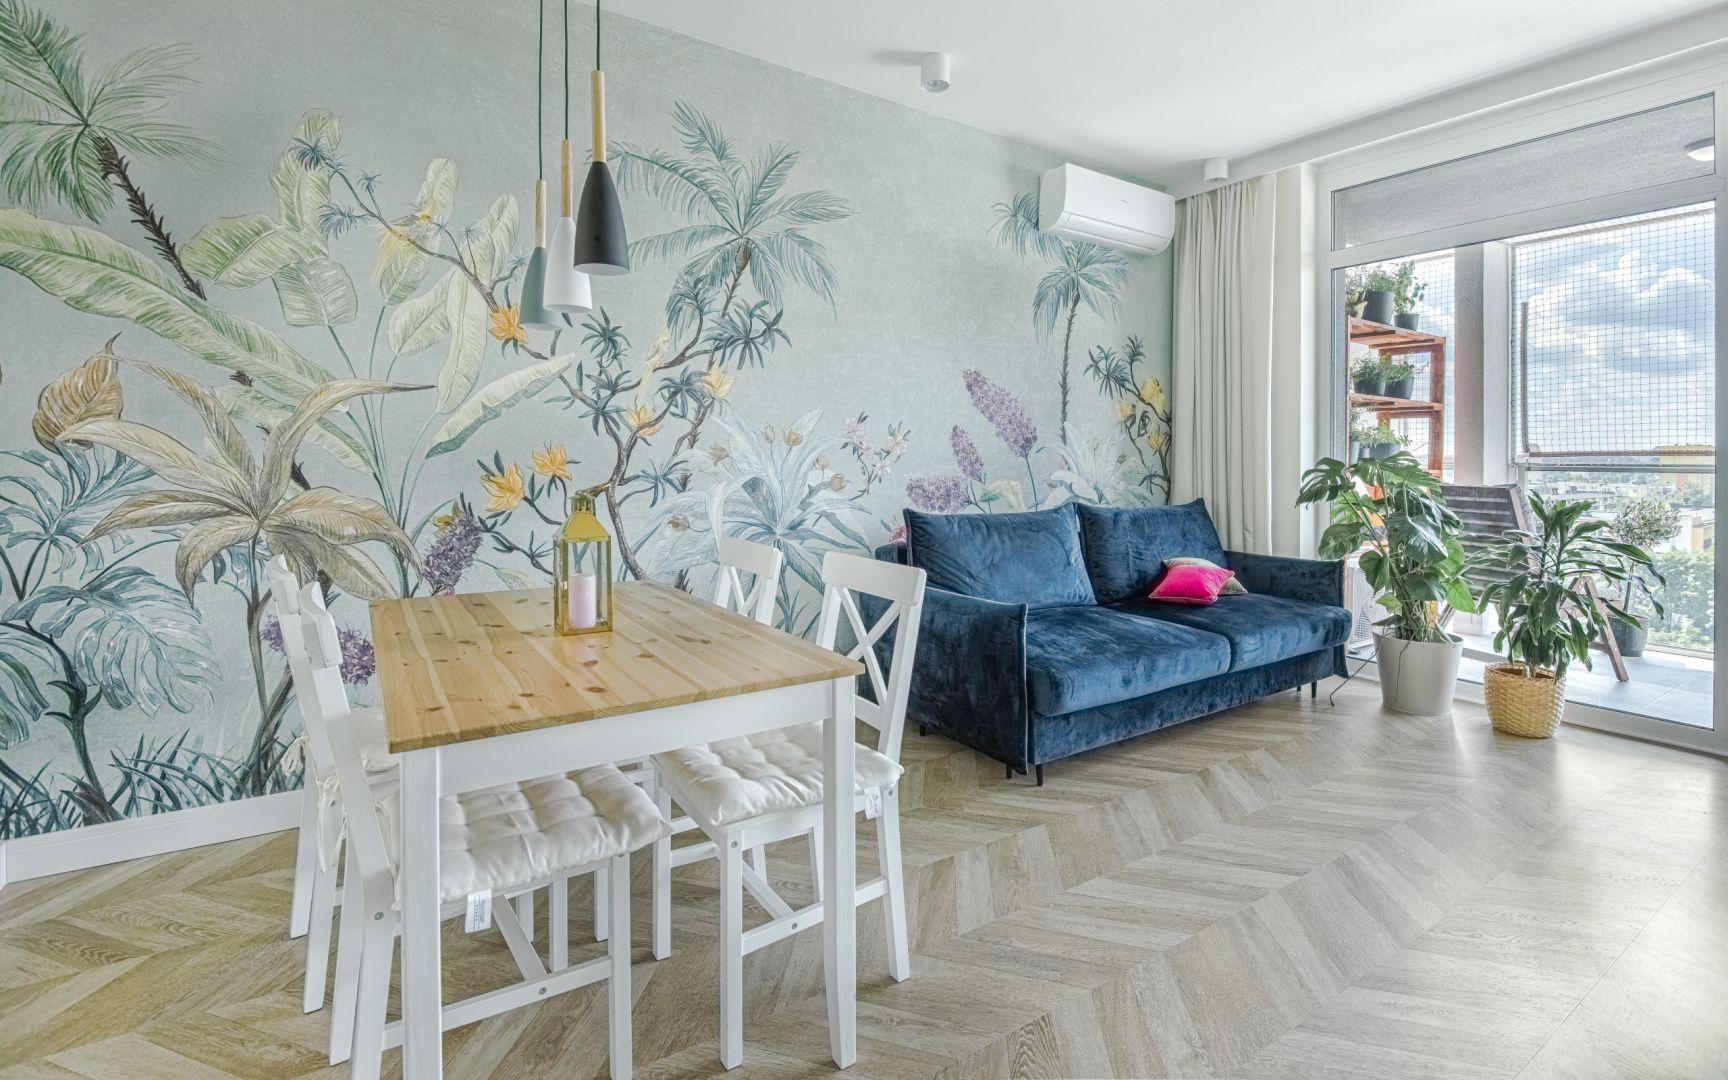 Jasny salon został urządzony ciekawie i z pomysłem. Charakter nadaje mu fantastyczny mural, zdobiący całą ścianę w otwartej strefie dziennej. Projekt: Beata Ignasiak, pracownia Ignasiak Interiors. Fot. Grupa Deix